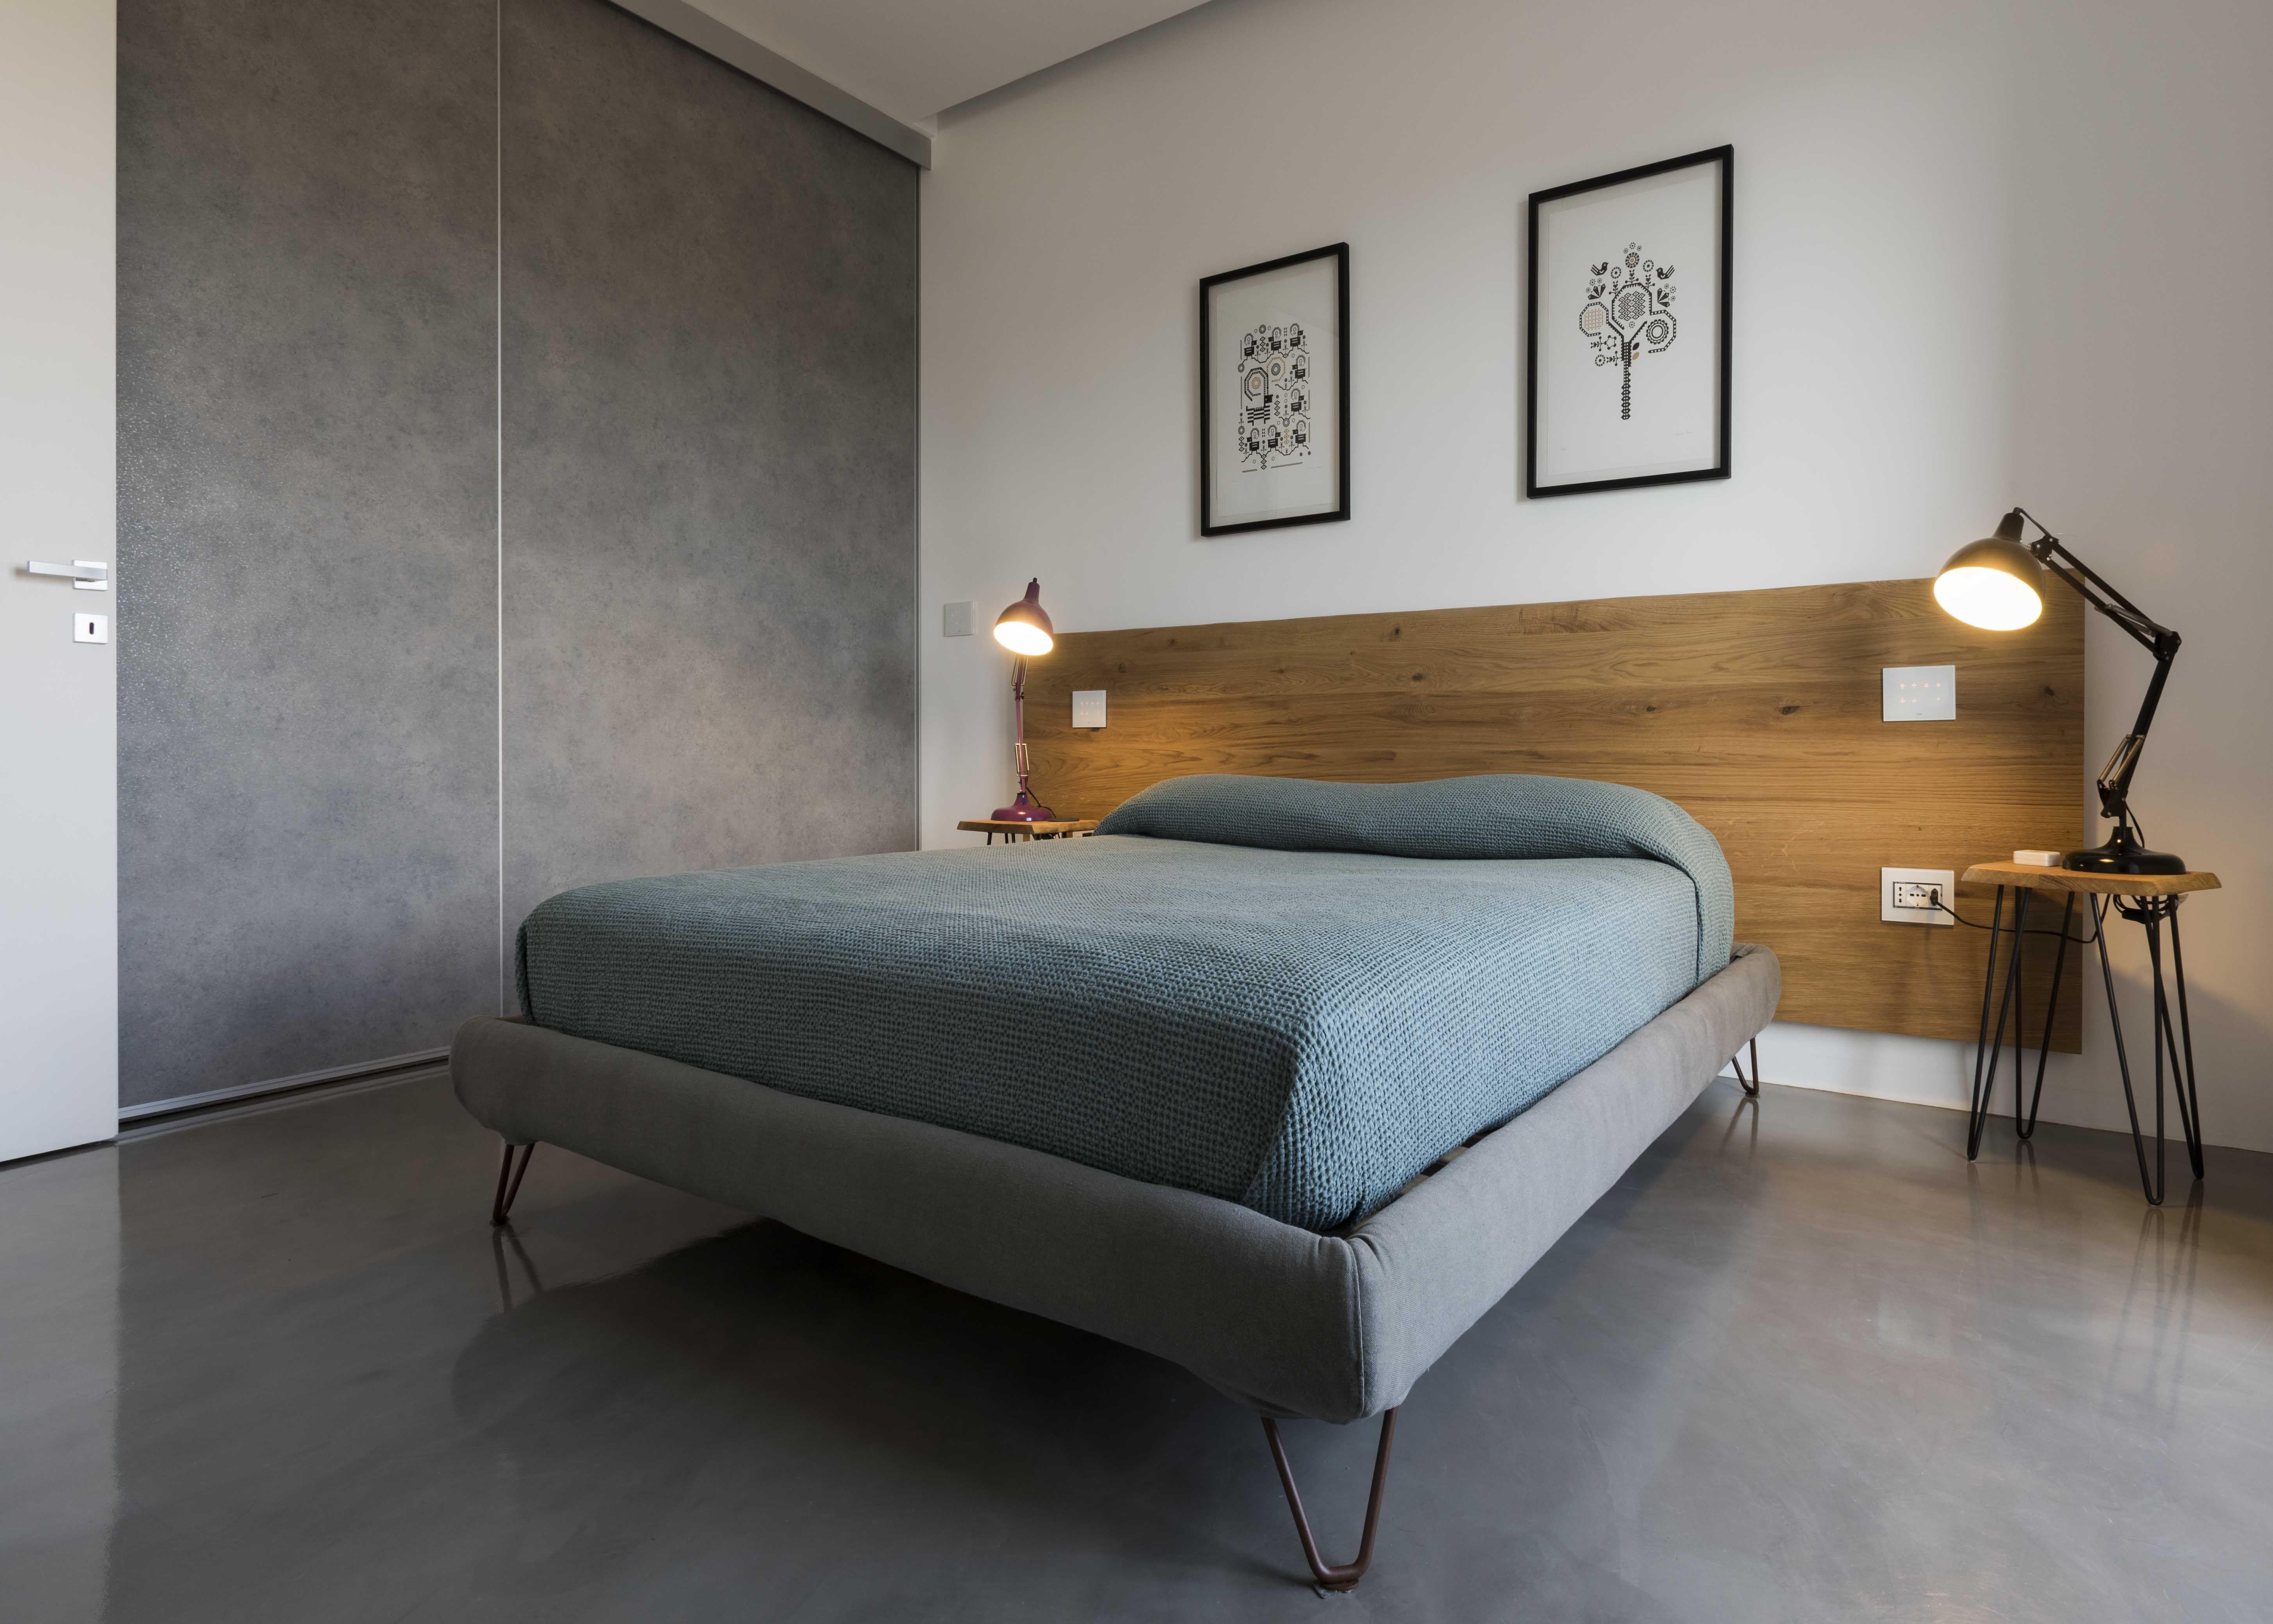 Pin di vimar group su domotica residenziale pinterest bedroom bed furniture e home - Testa del letto ...